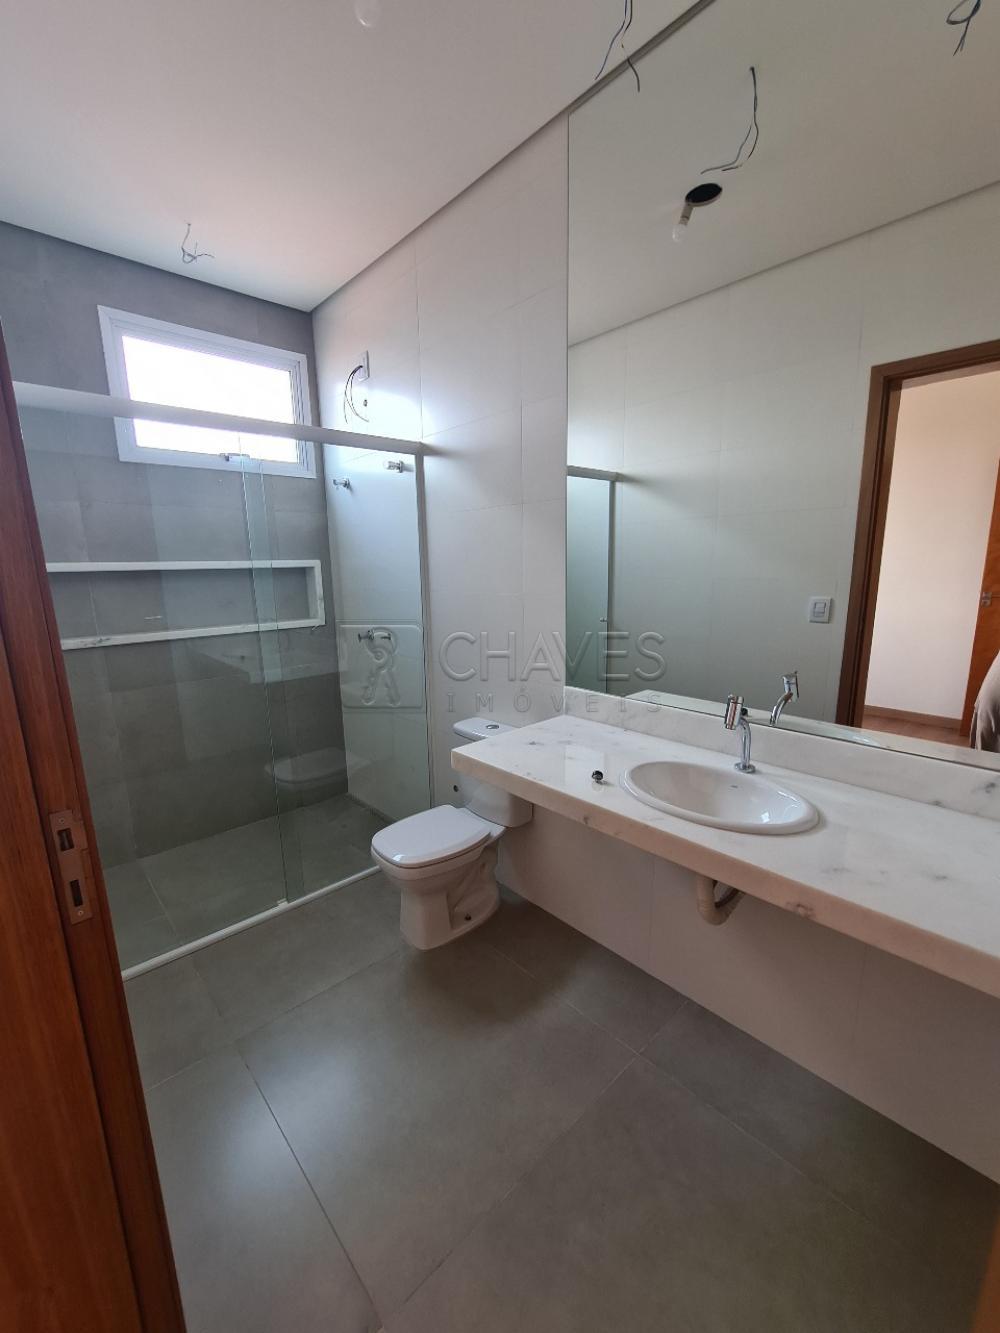 Comprar Casa / Condomínio em Ribeirão Preto R$ 915.000,00 - Foto 9